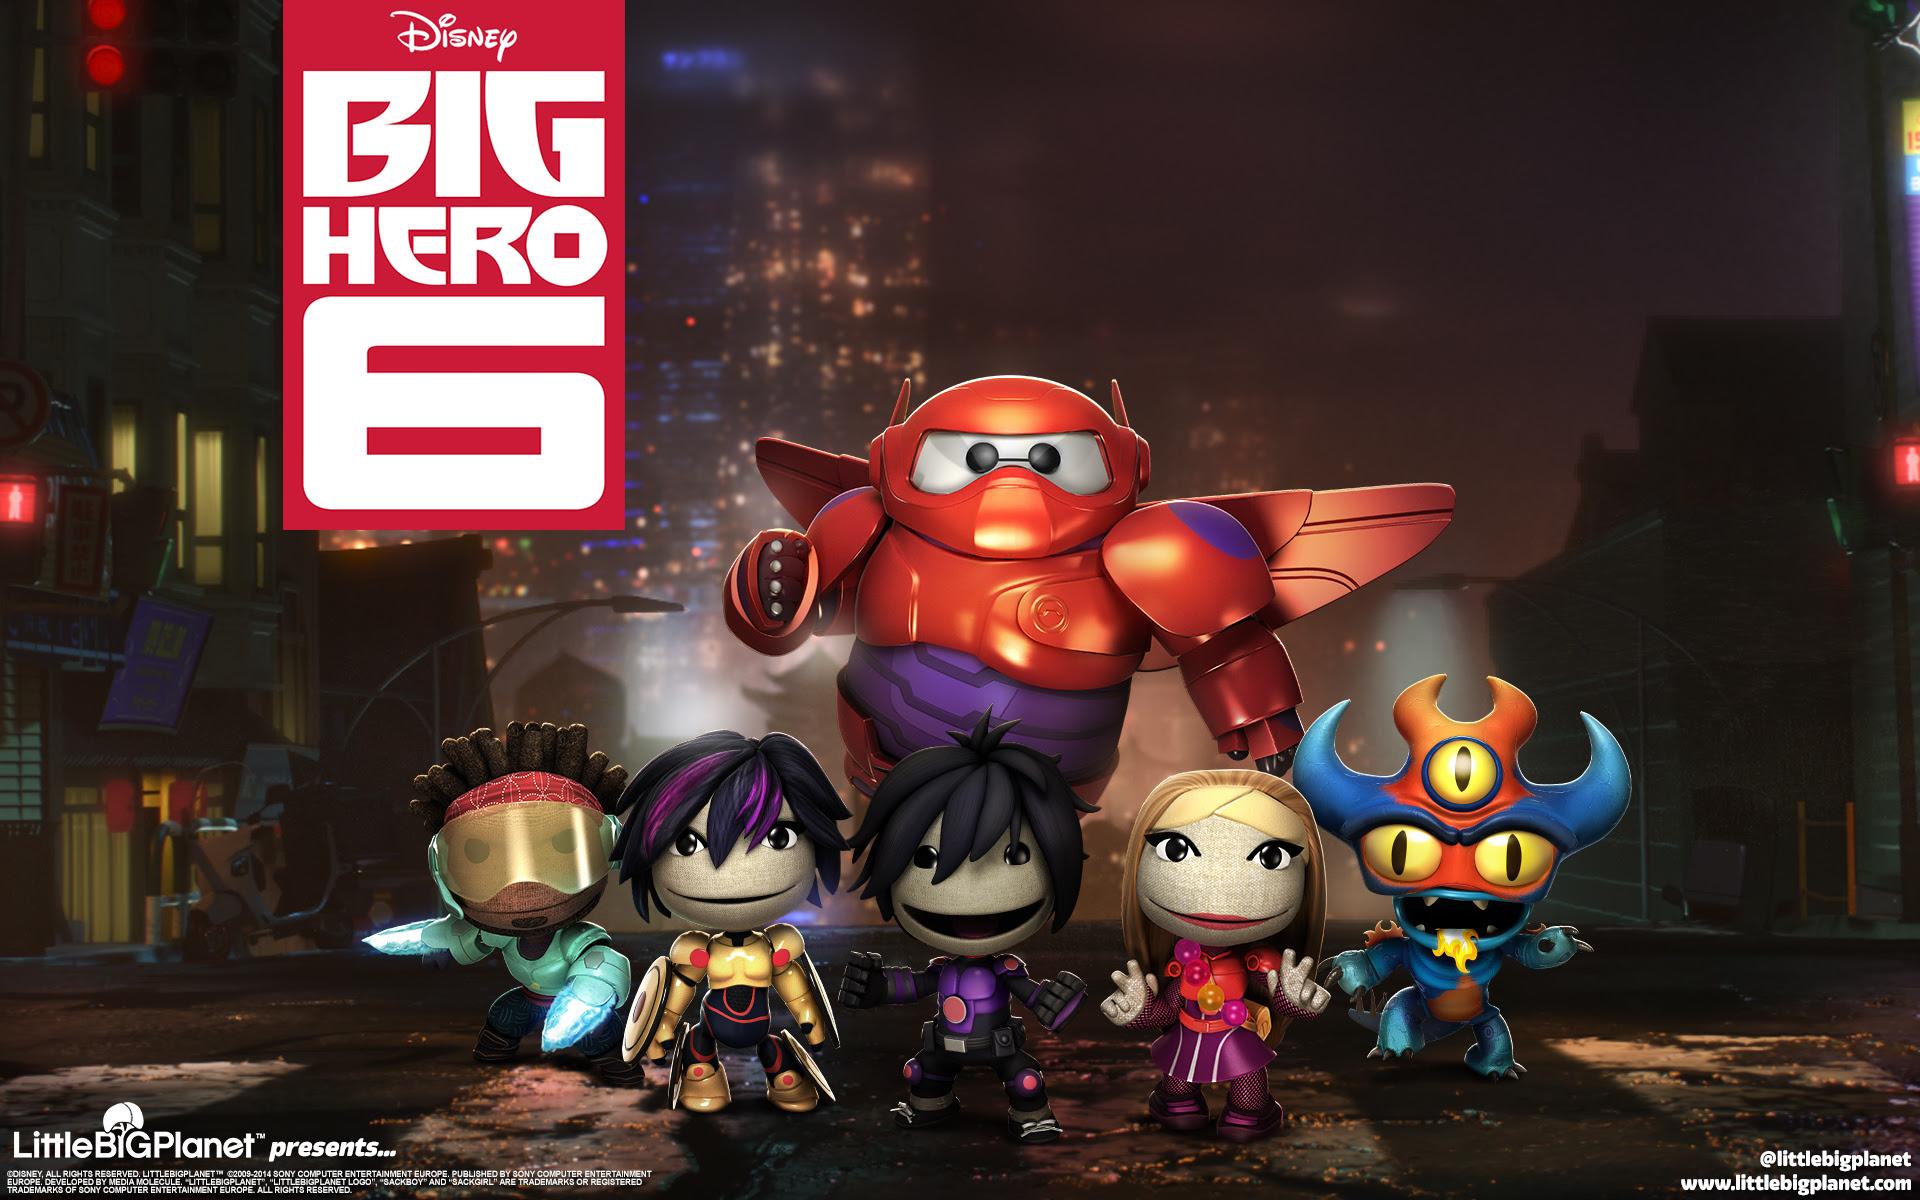 Littlebigplanet Big Hero 6